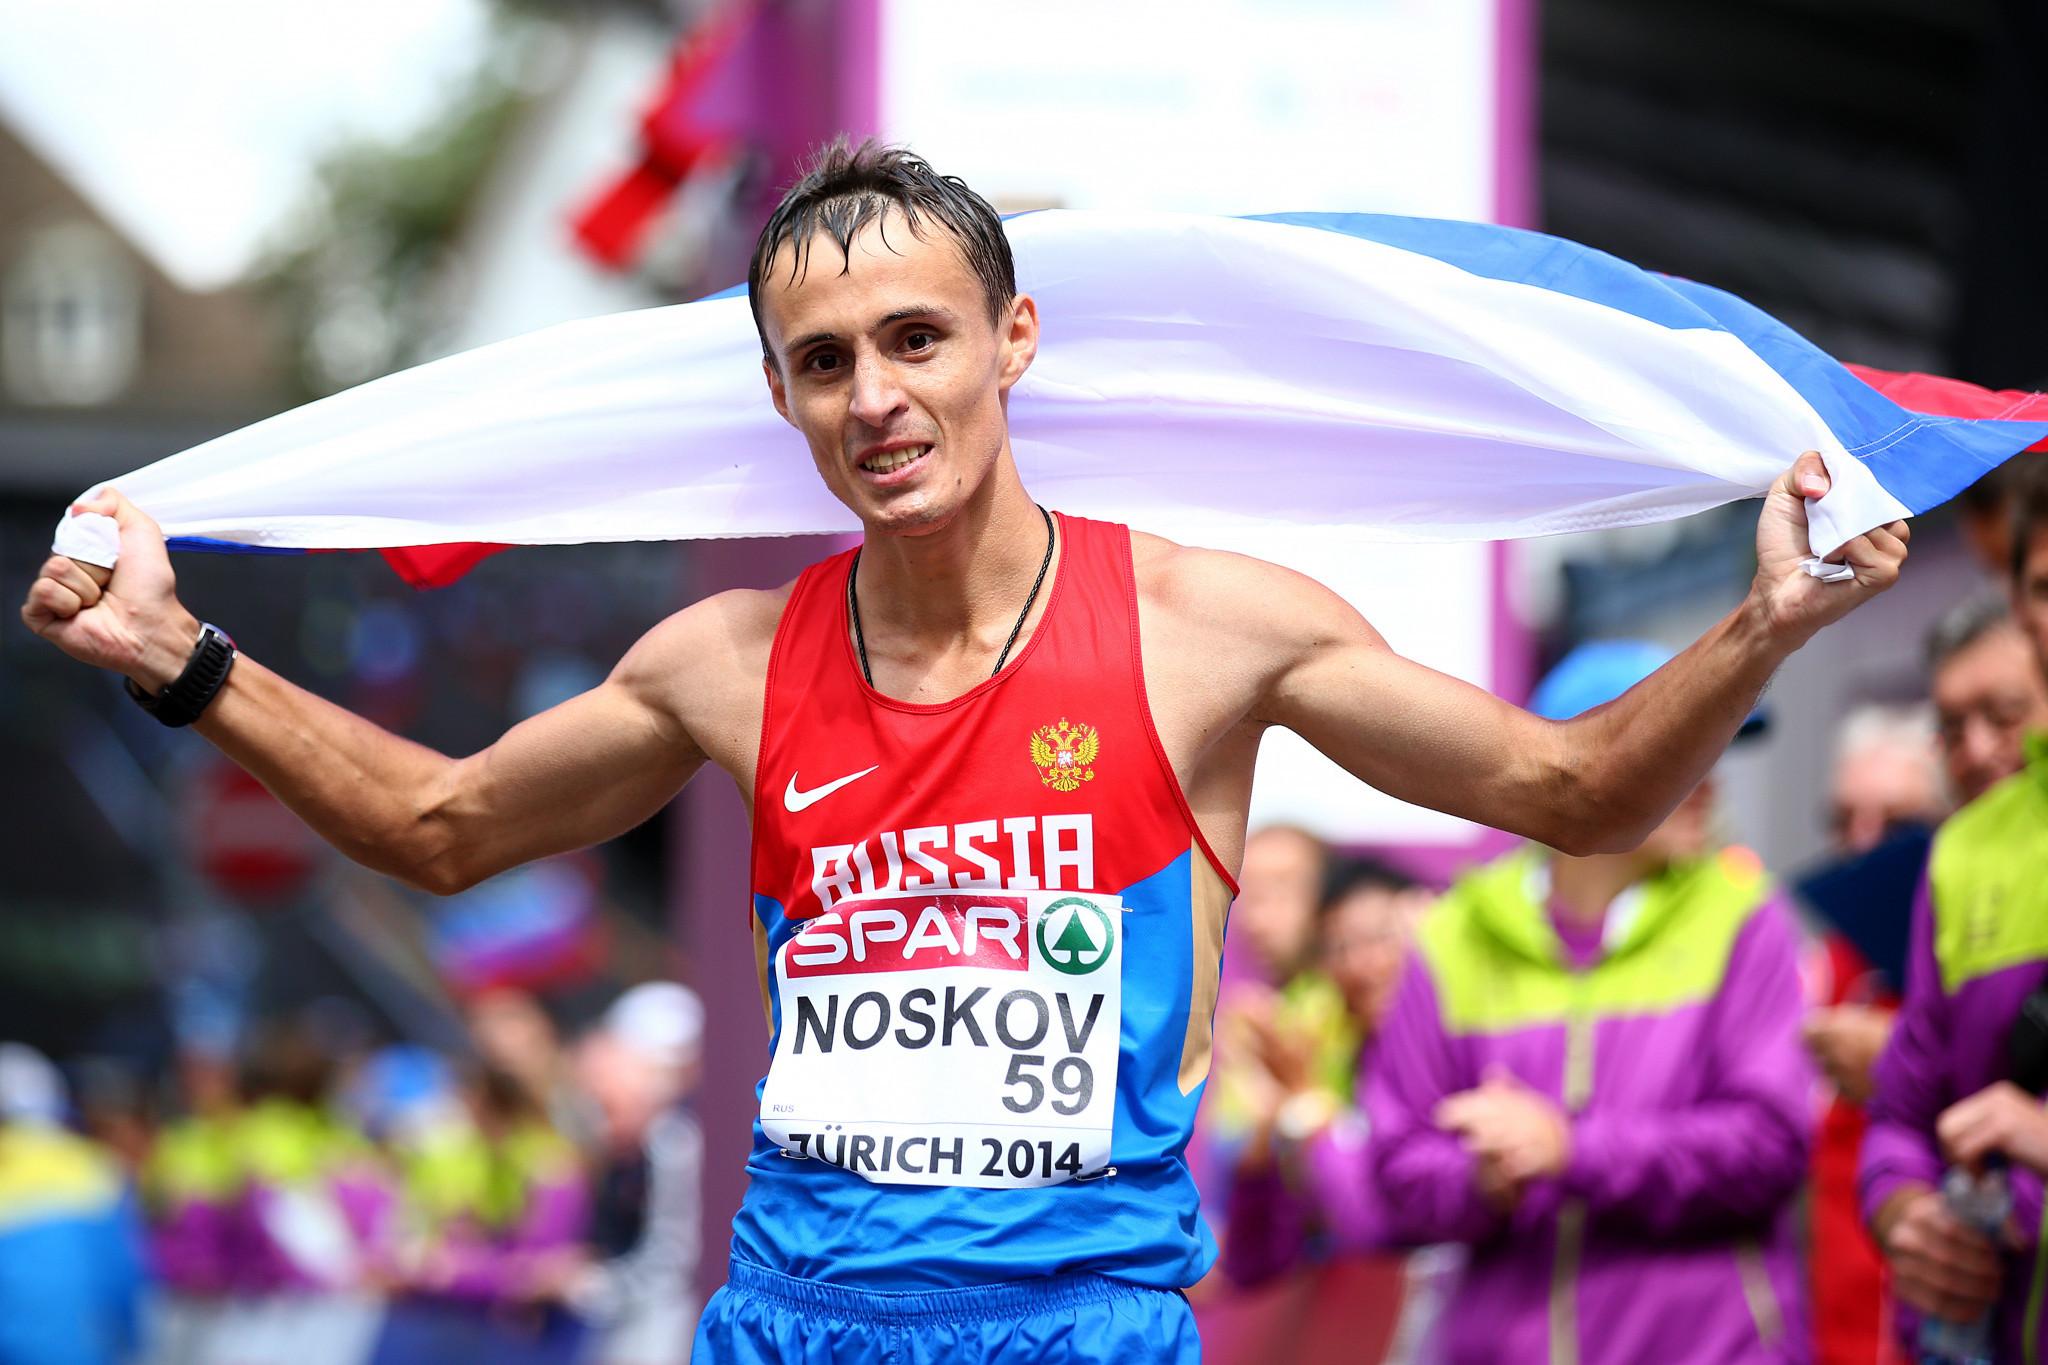 Российский гонщик Нусков лишился титула чемпиона Европы 2015 года из-за допинга